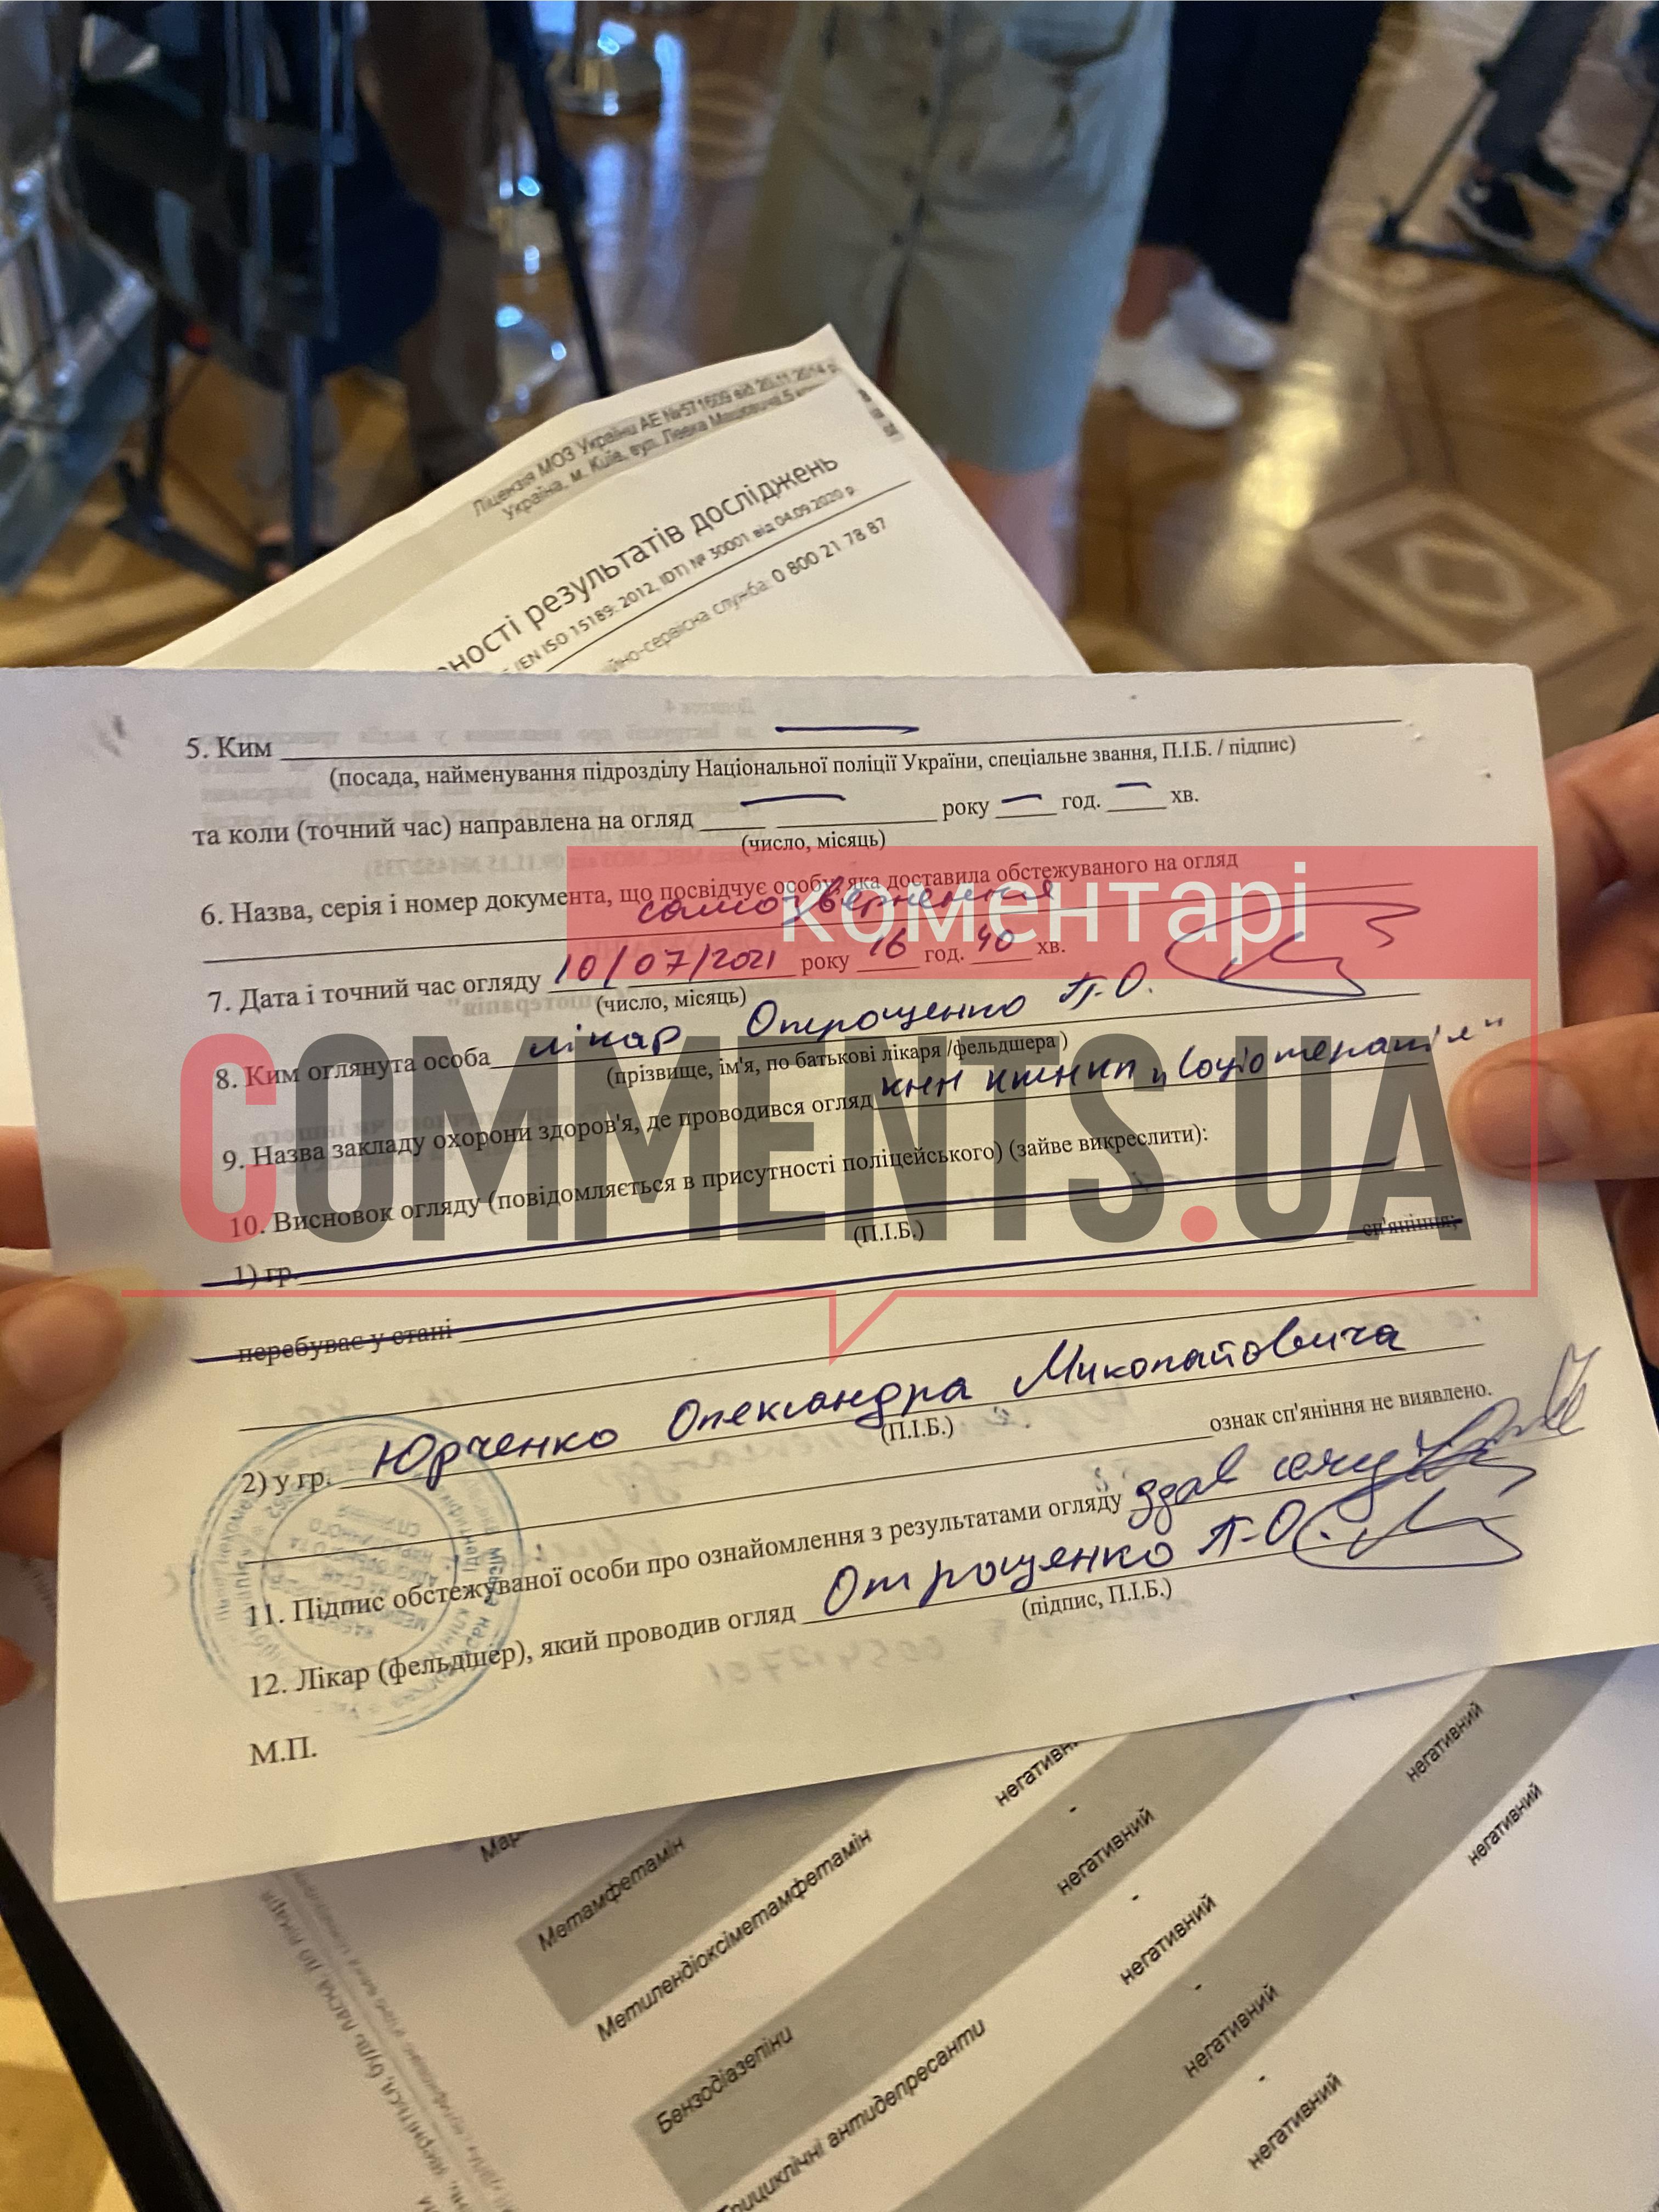 Скандальное ДТП во Львове: сдаст ли мандат нардеп Юрченко из-за теста на наркотики (ФОТО) - фото 3